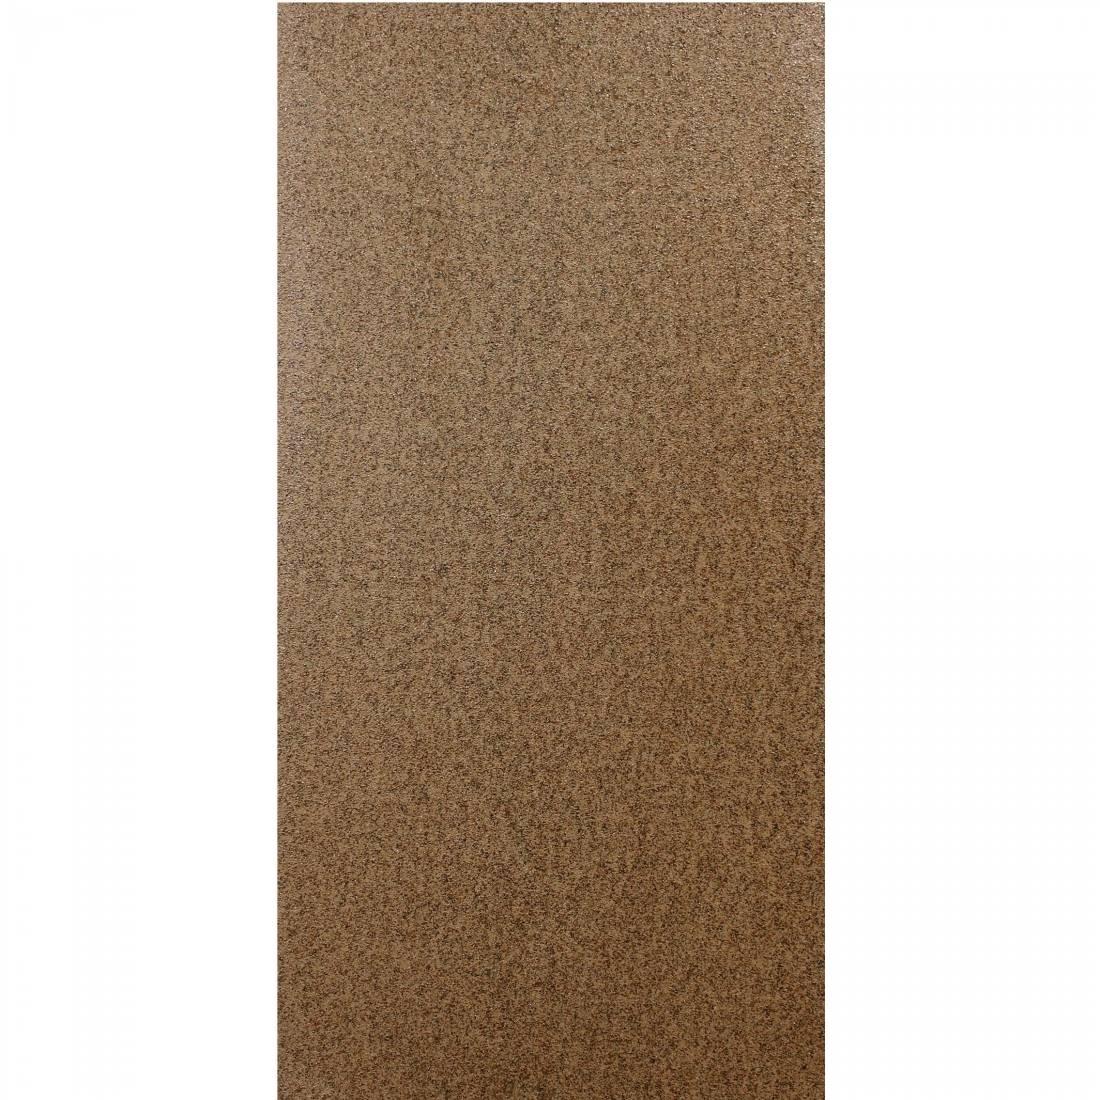 Borsalino 30x60 Brown Matt 1